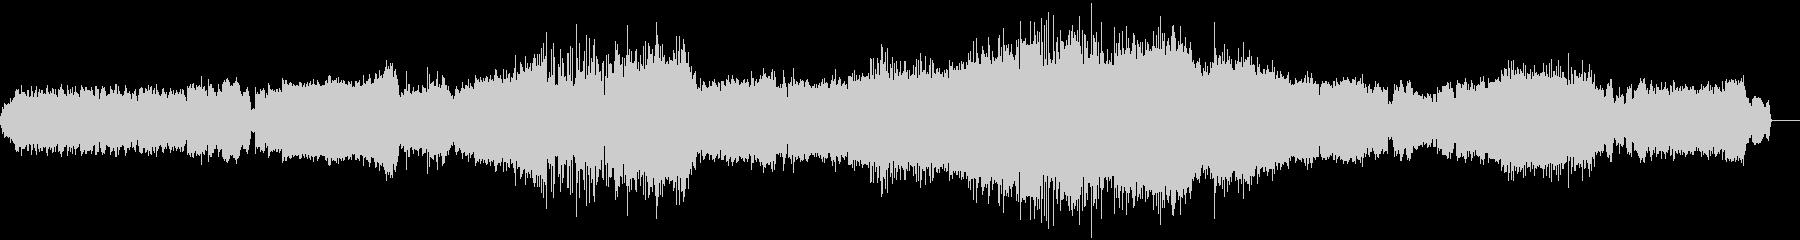 サマーセットラプソディの未再生の波形